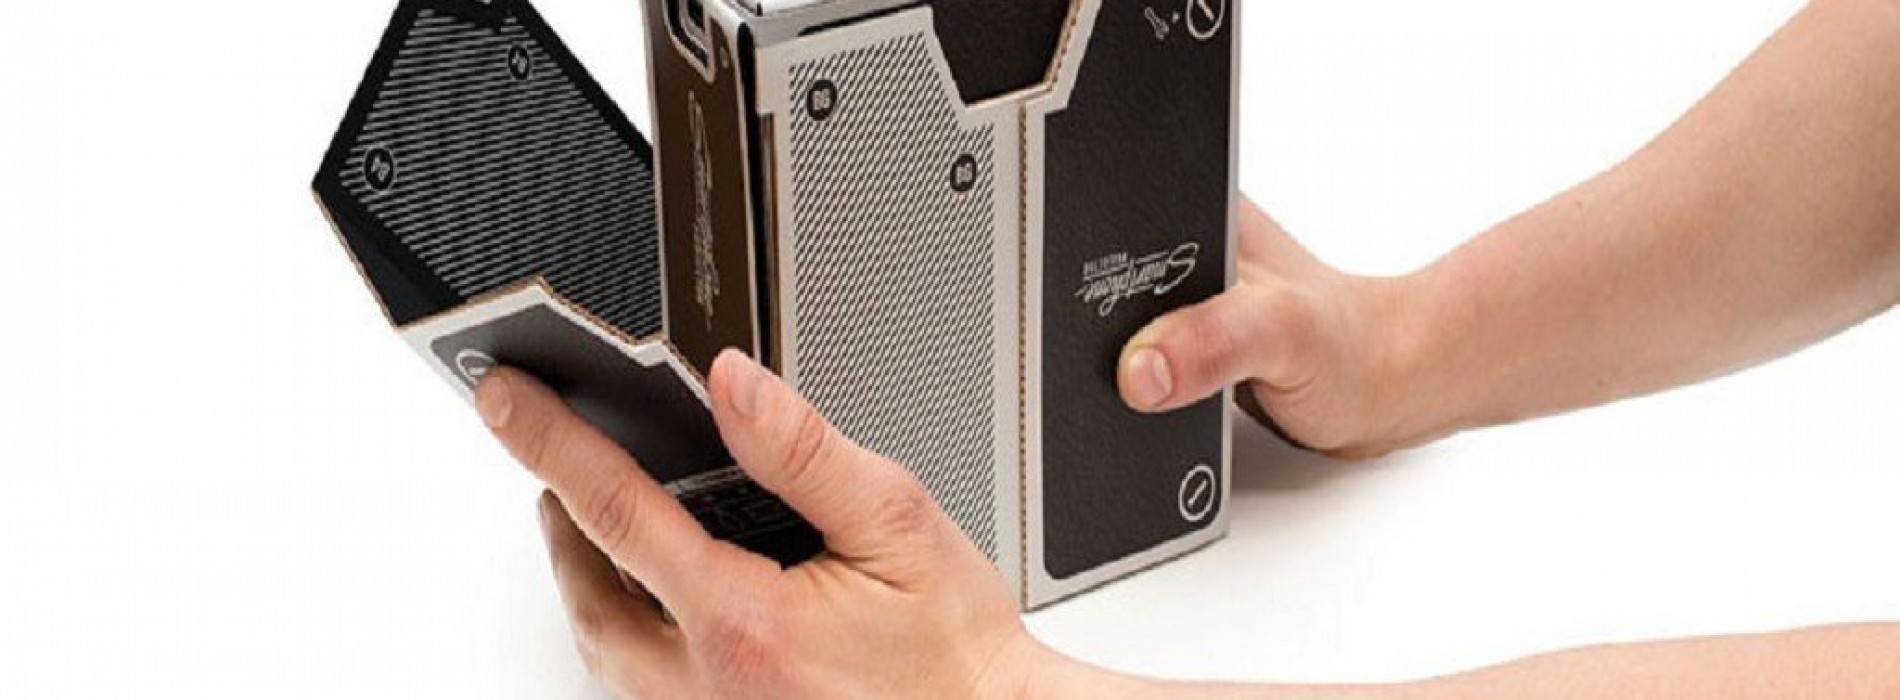 Proyector de cartón para tu smartphone